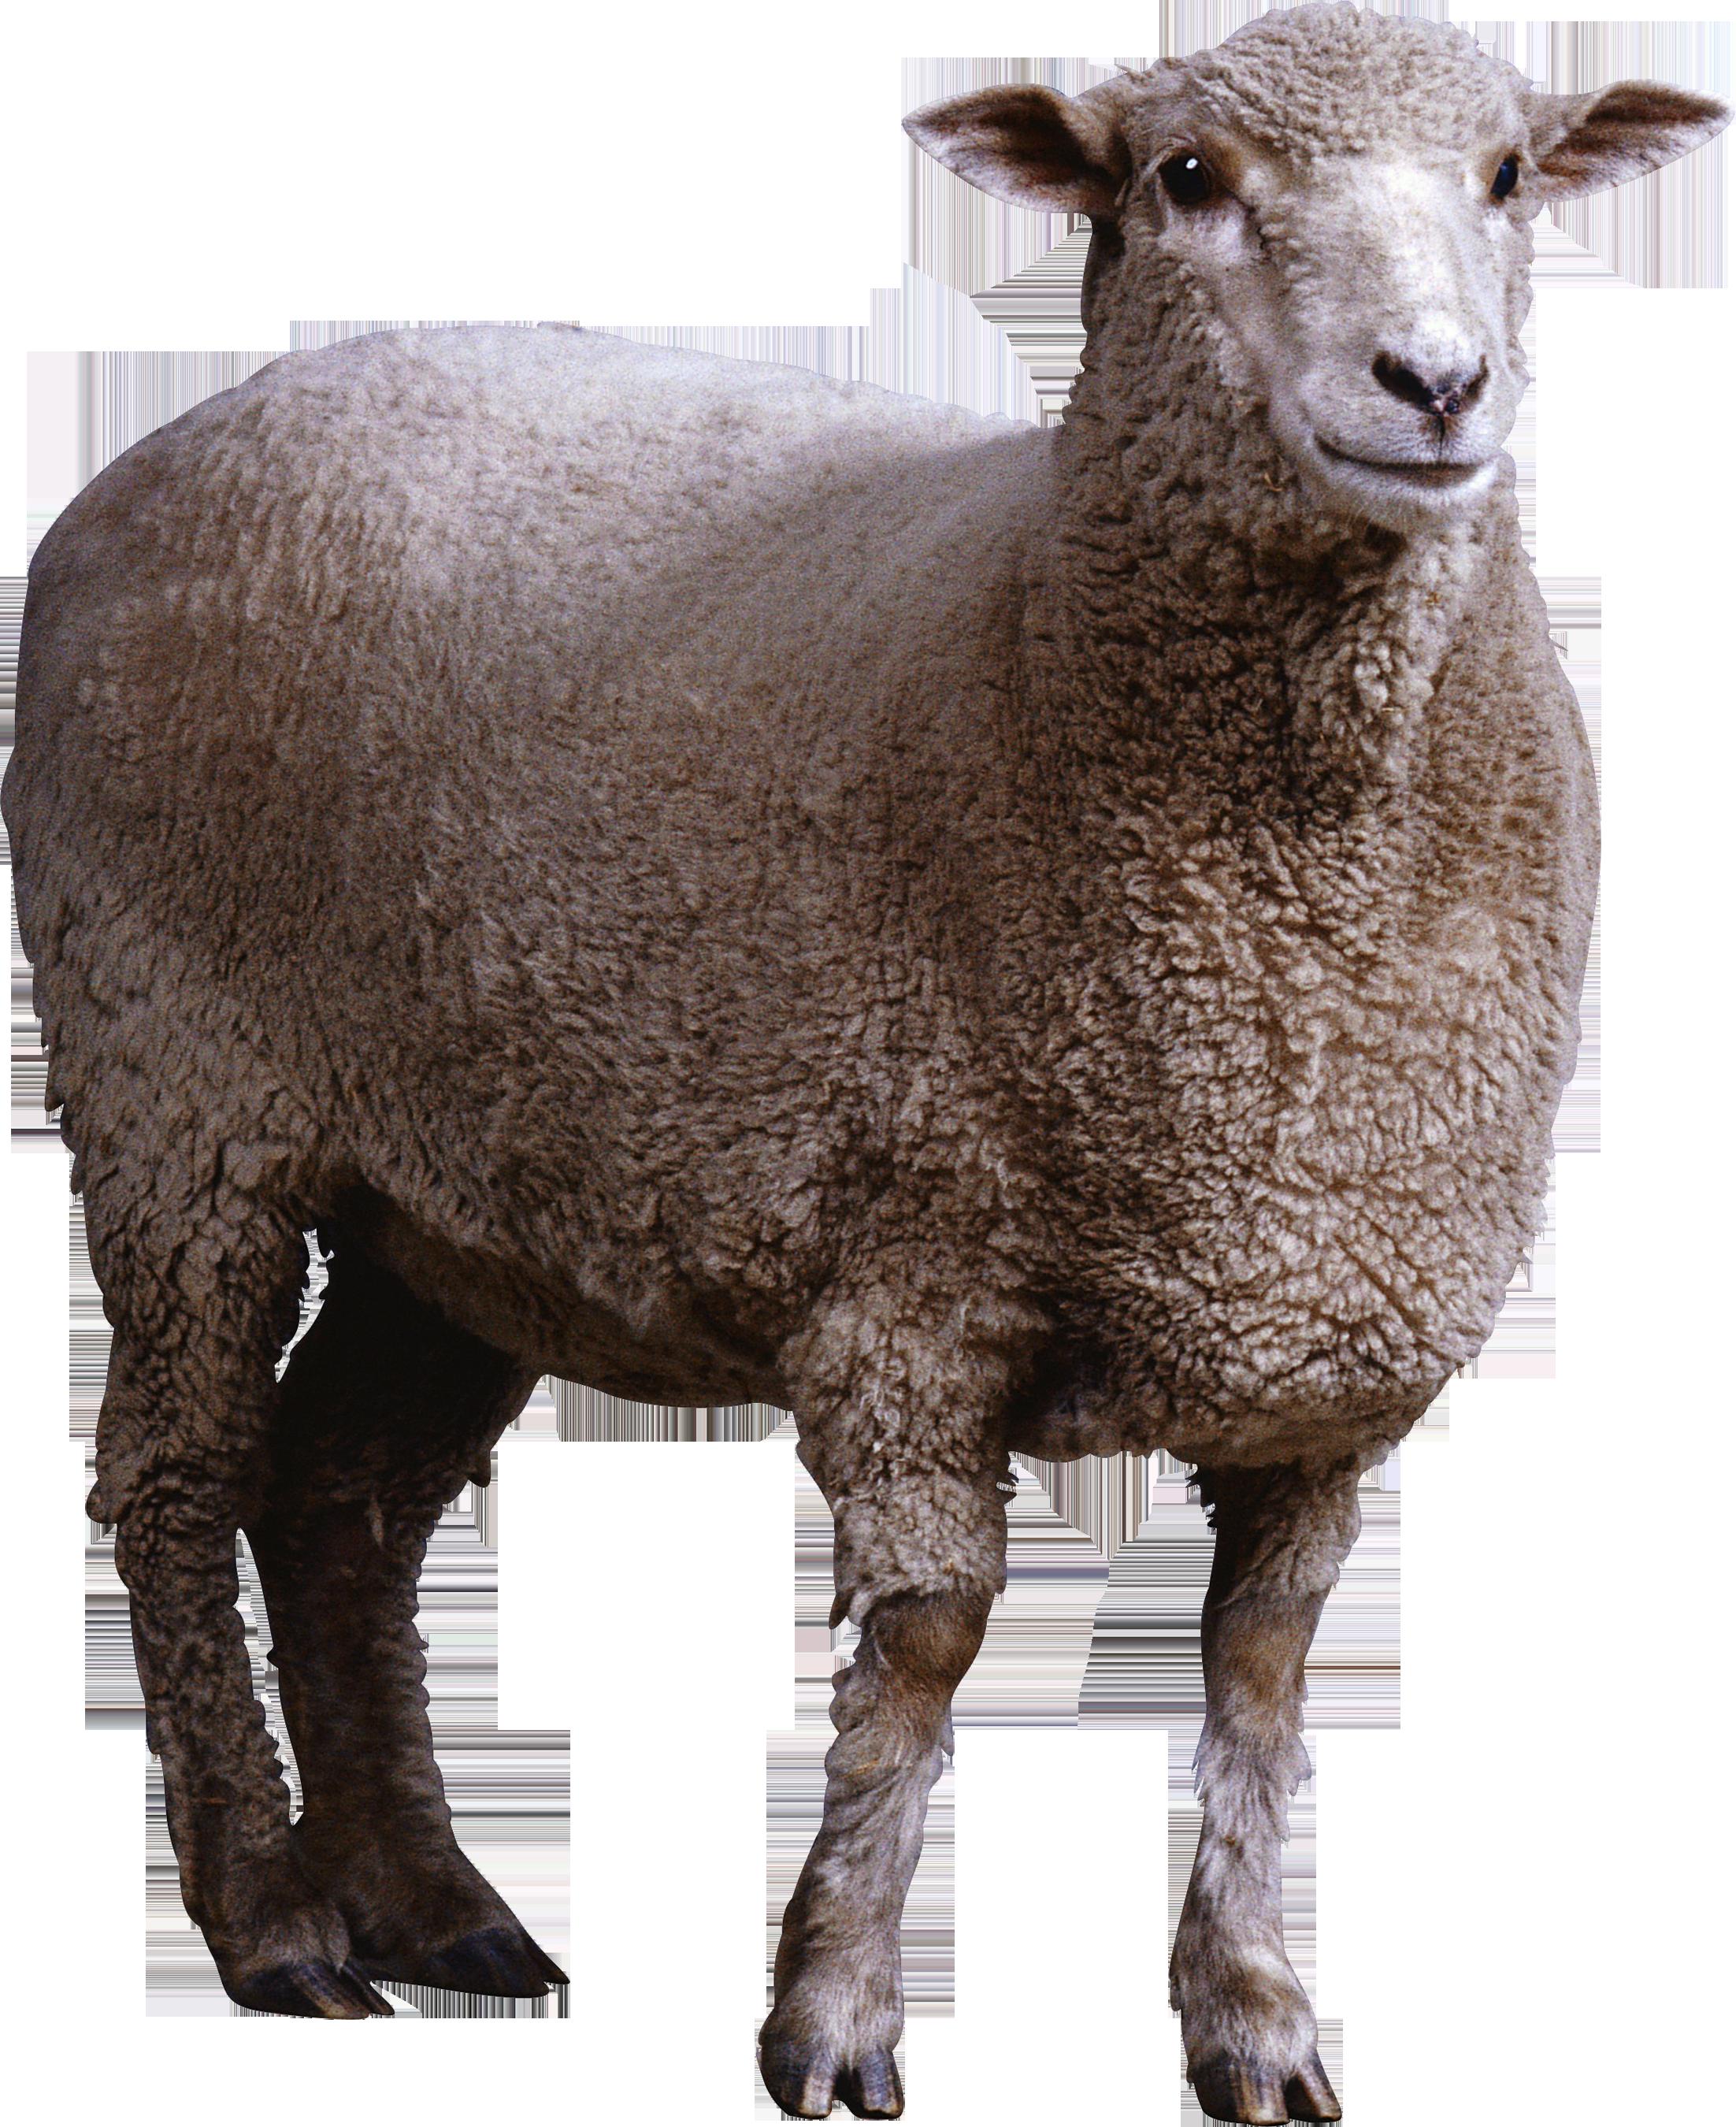 Download Png Image Sheep Png Image Animal Cutouts Animals Sheep